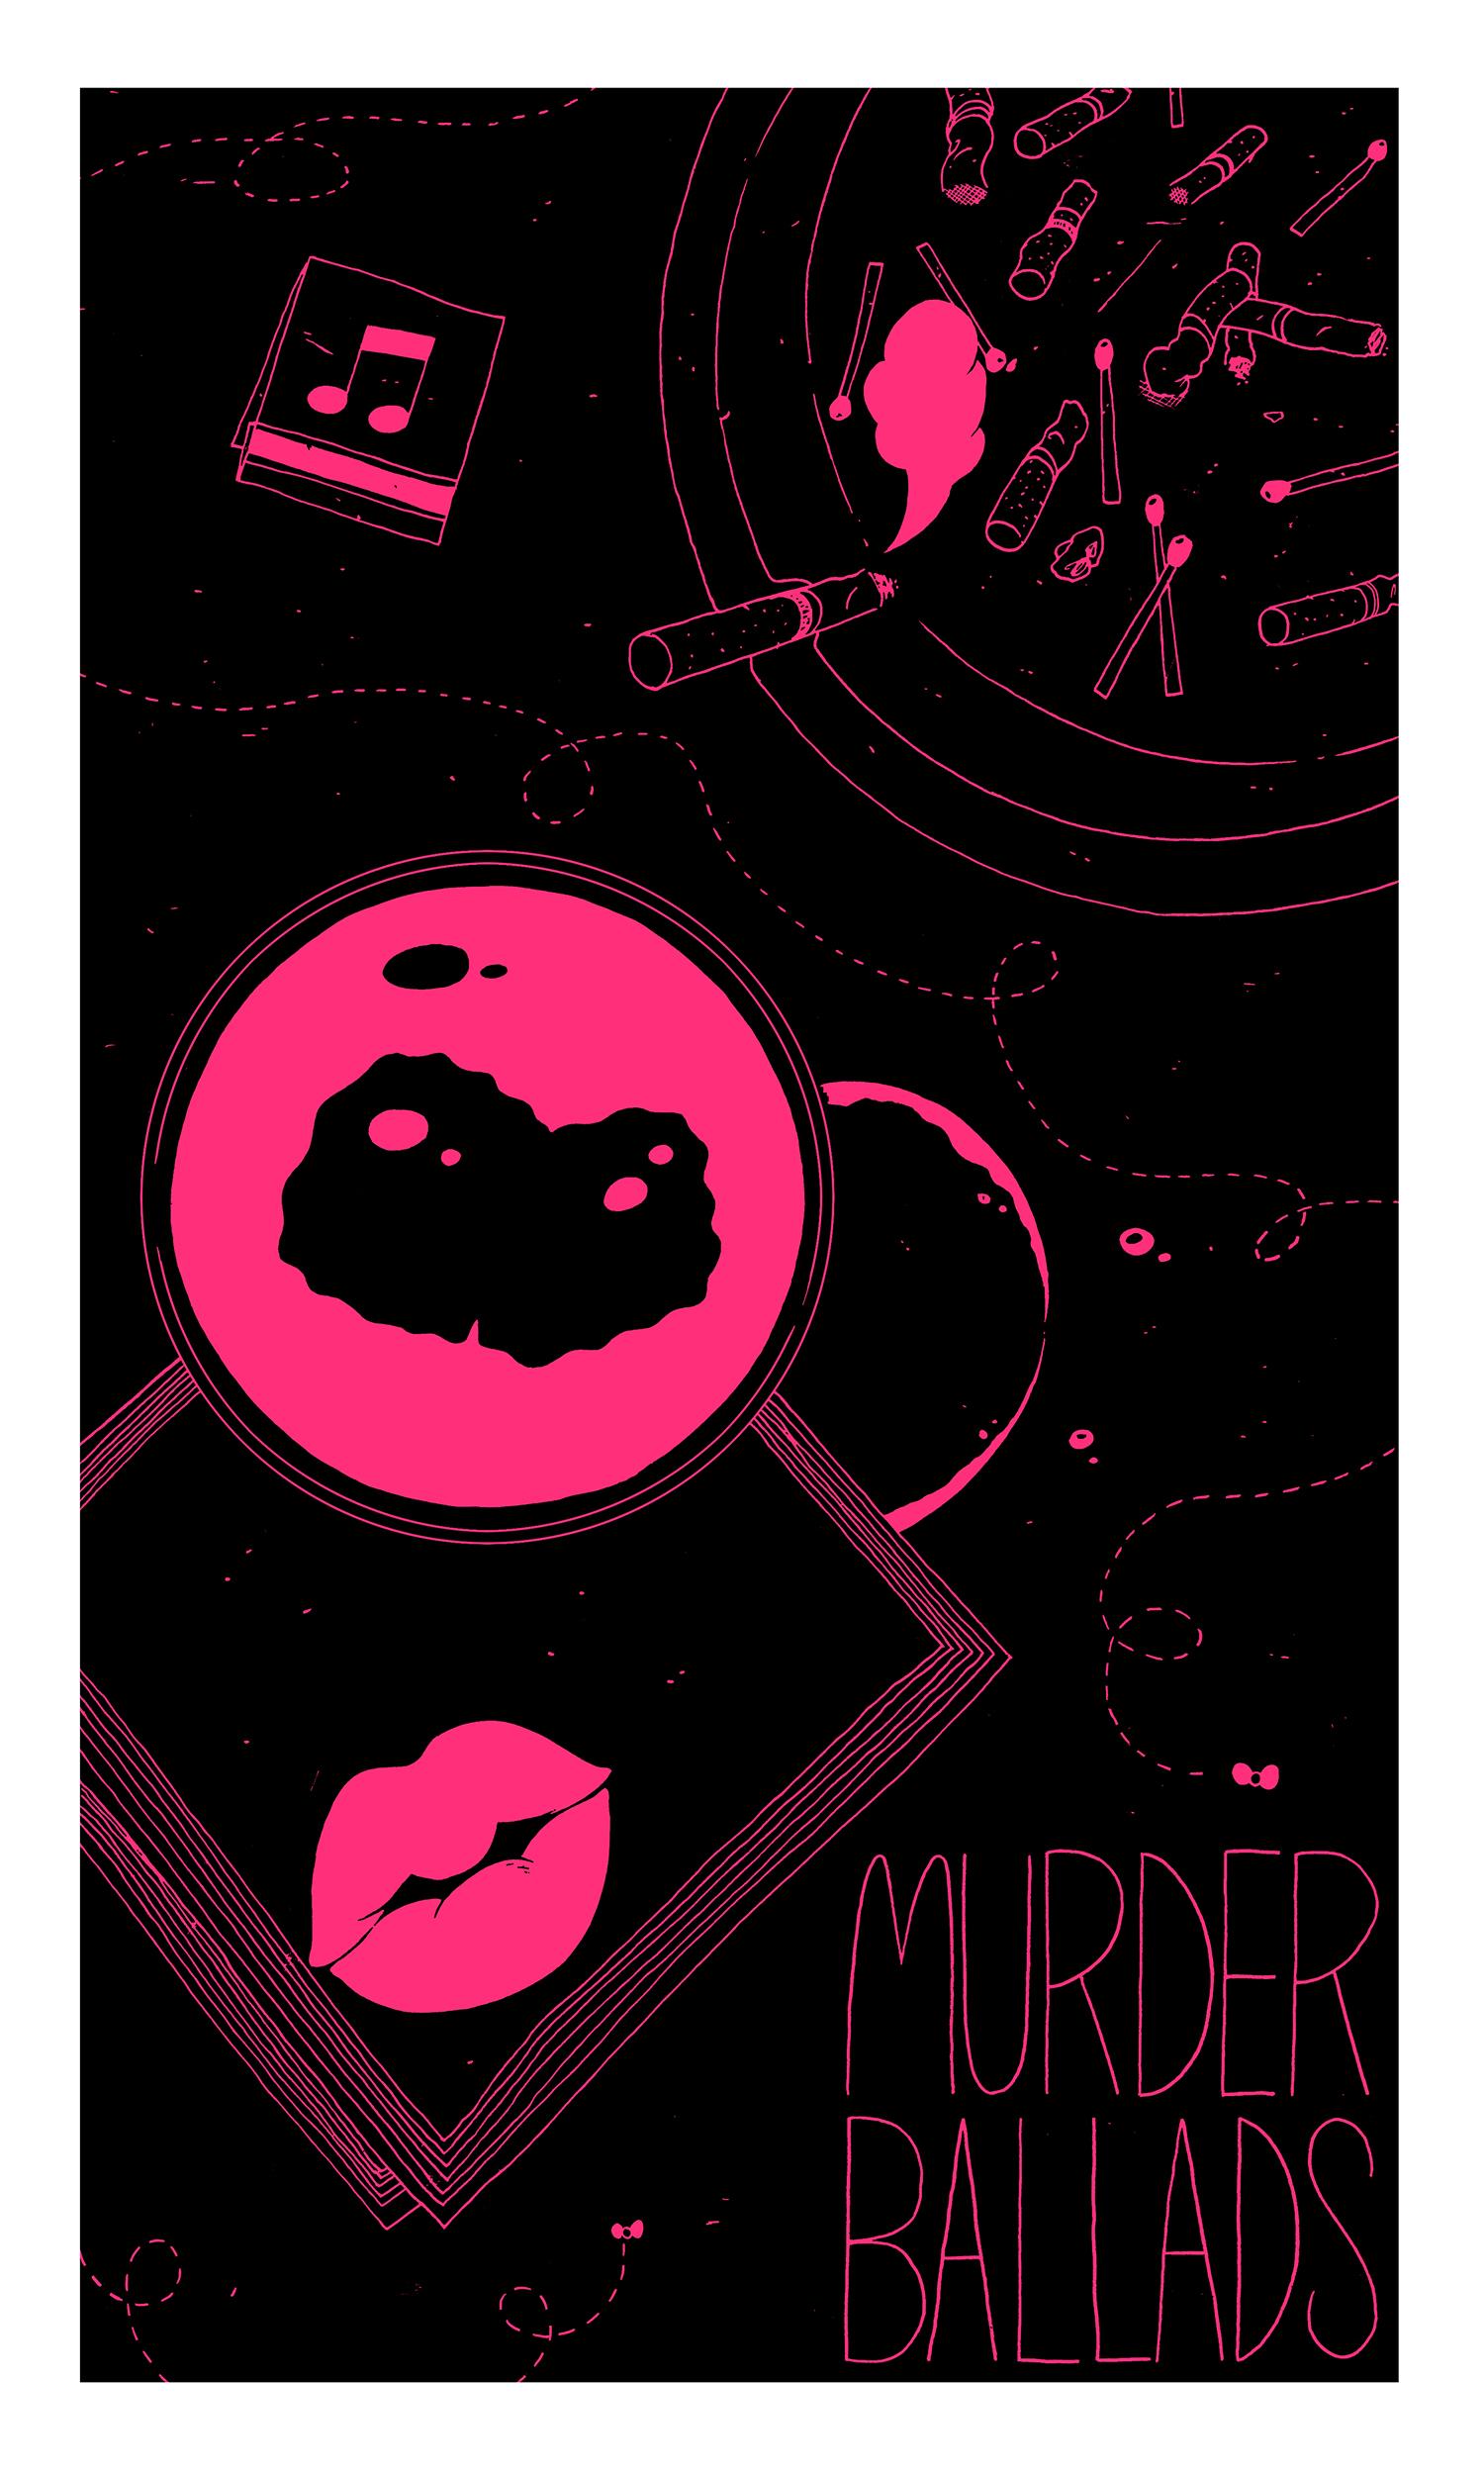 Murder_Ballads_02_Proof